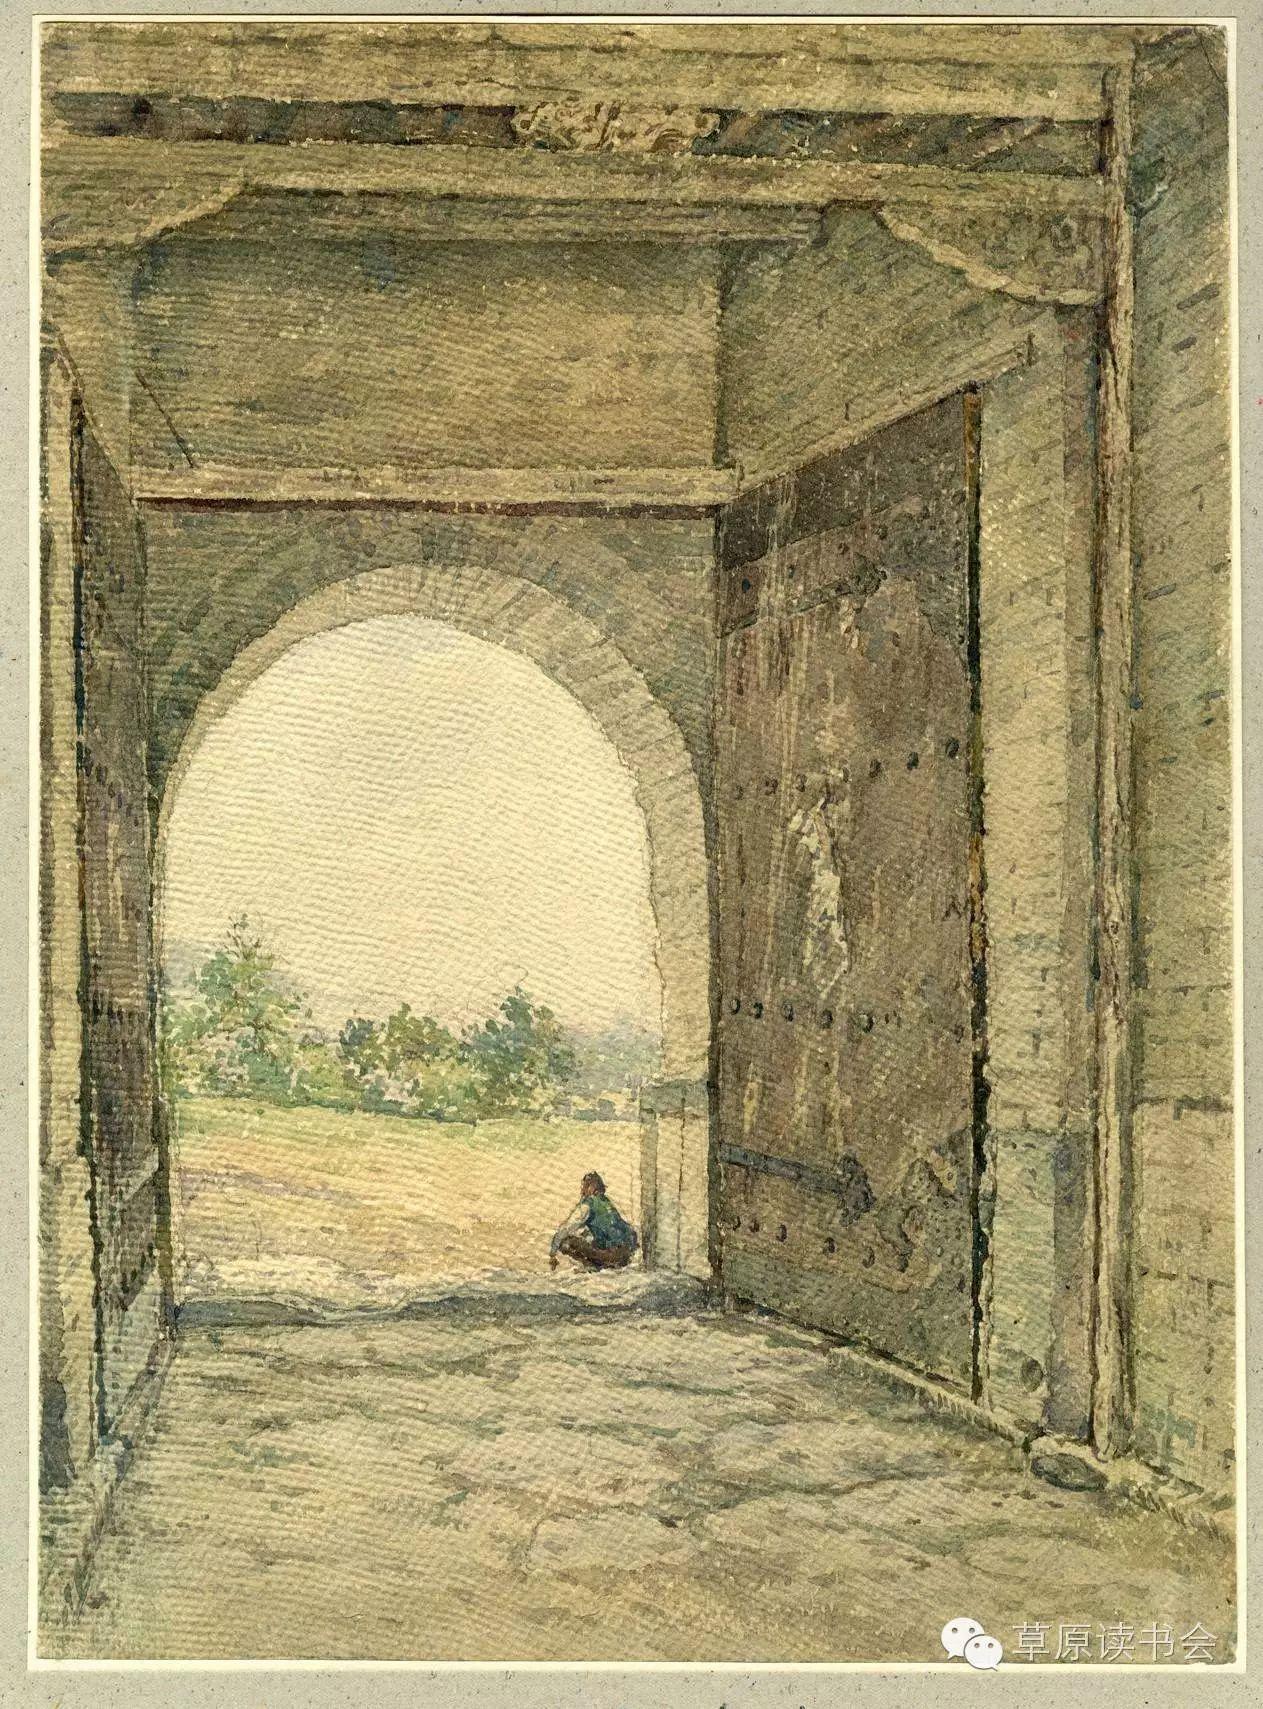 著名画家奥迪:水彩画记录下的呼和浩特旧景 第18张